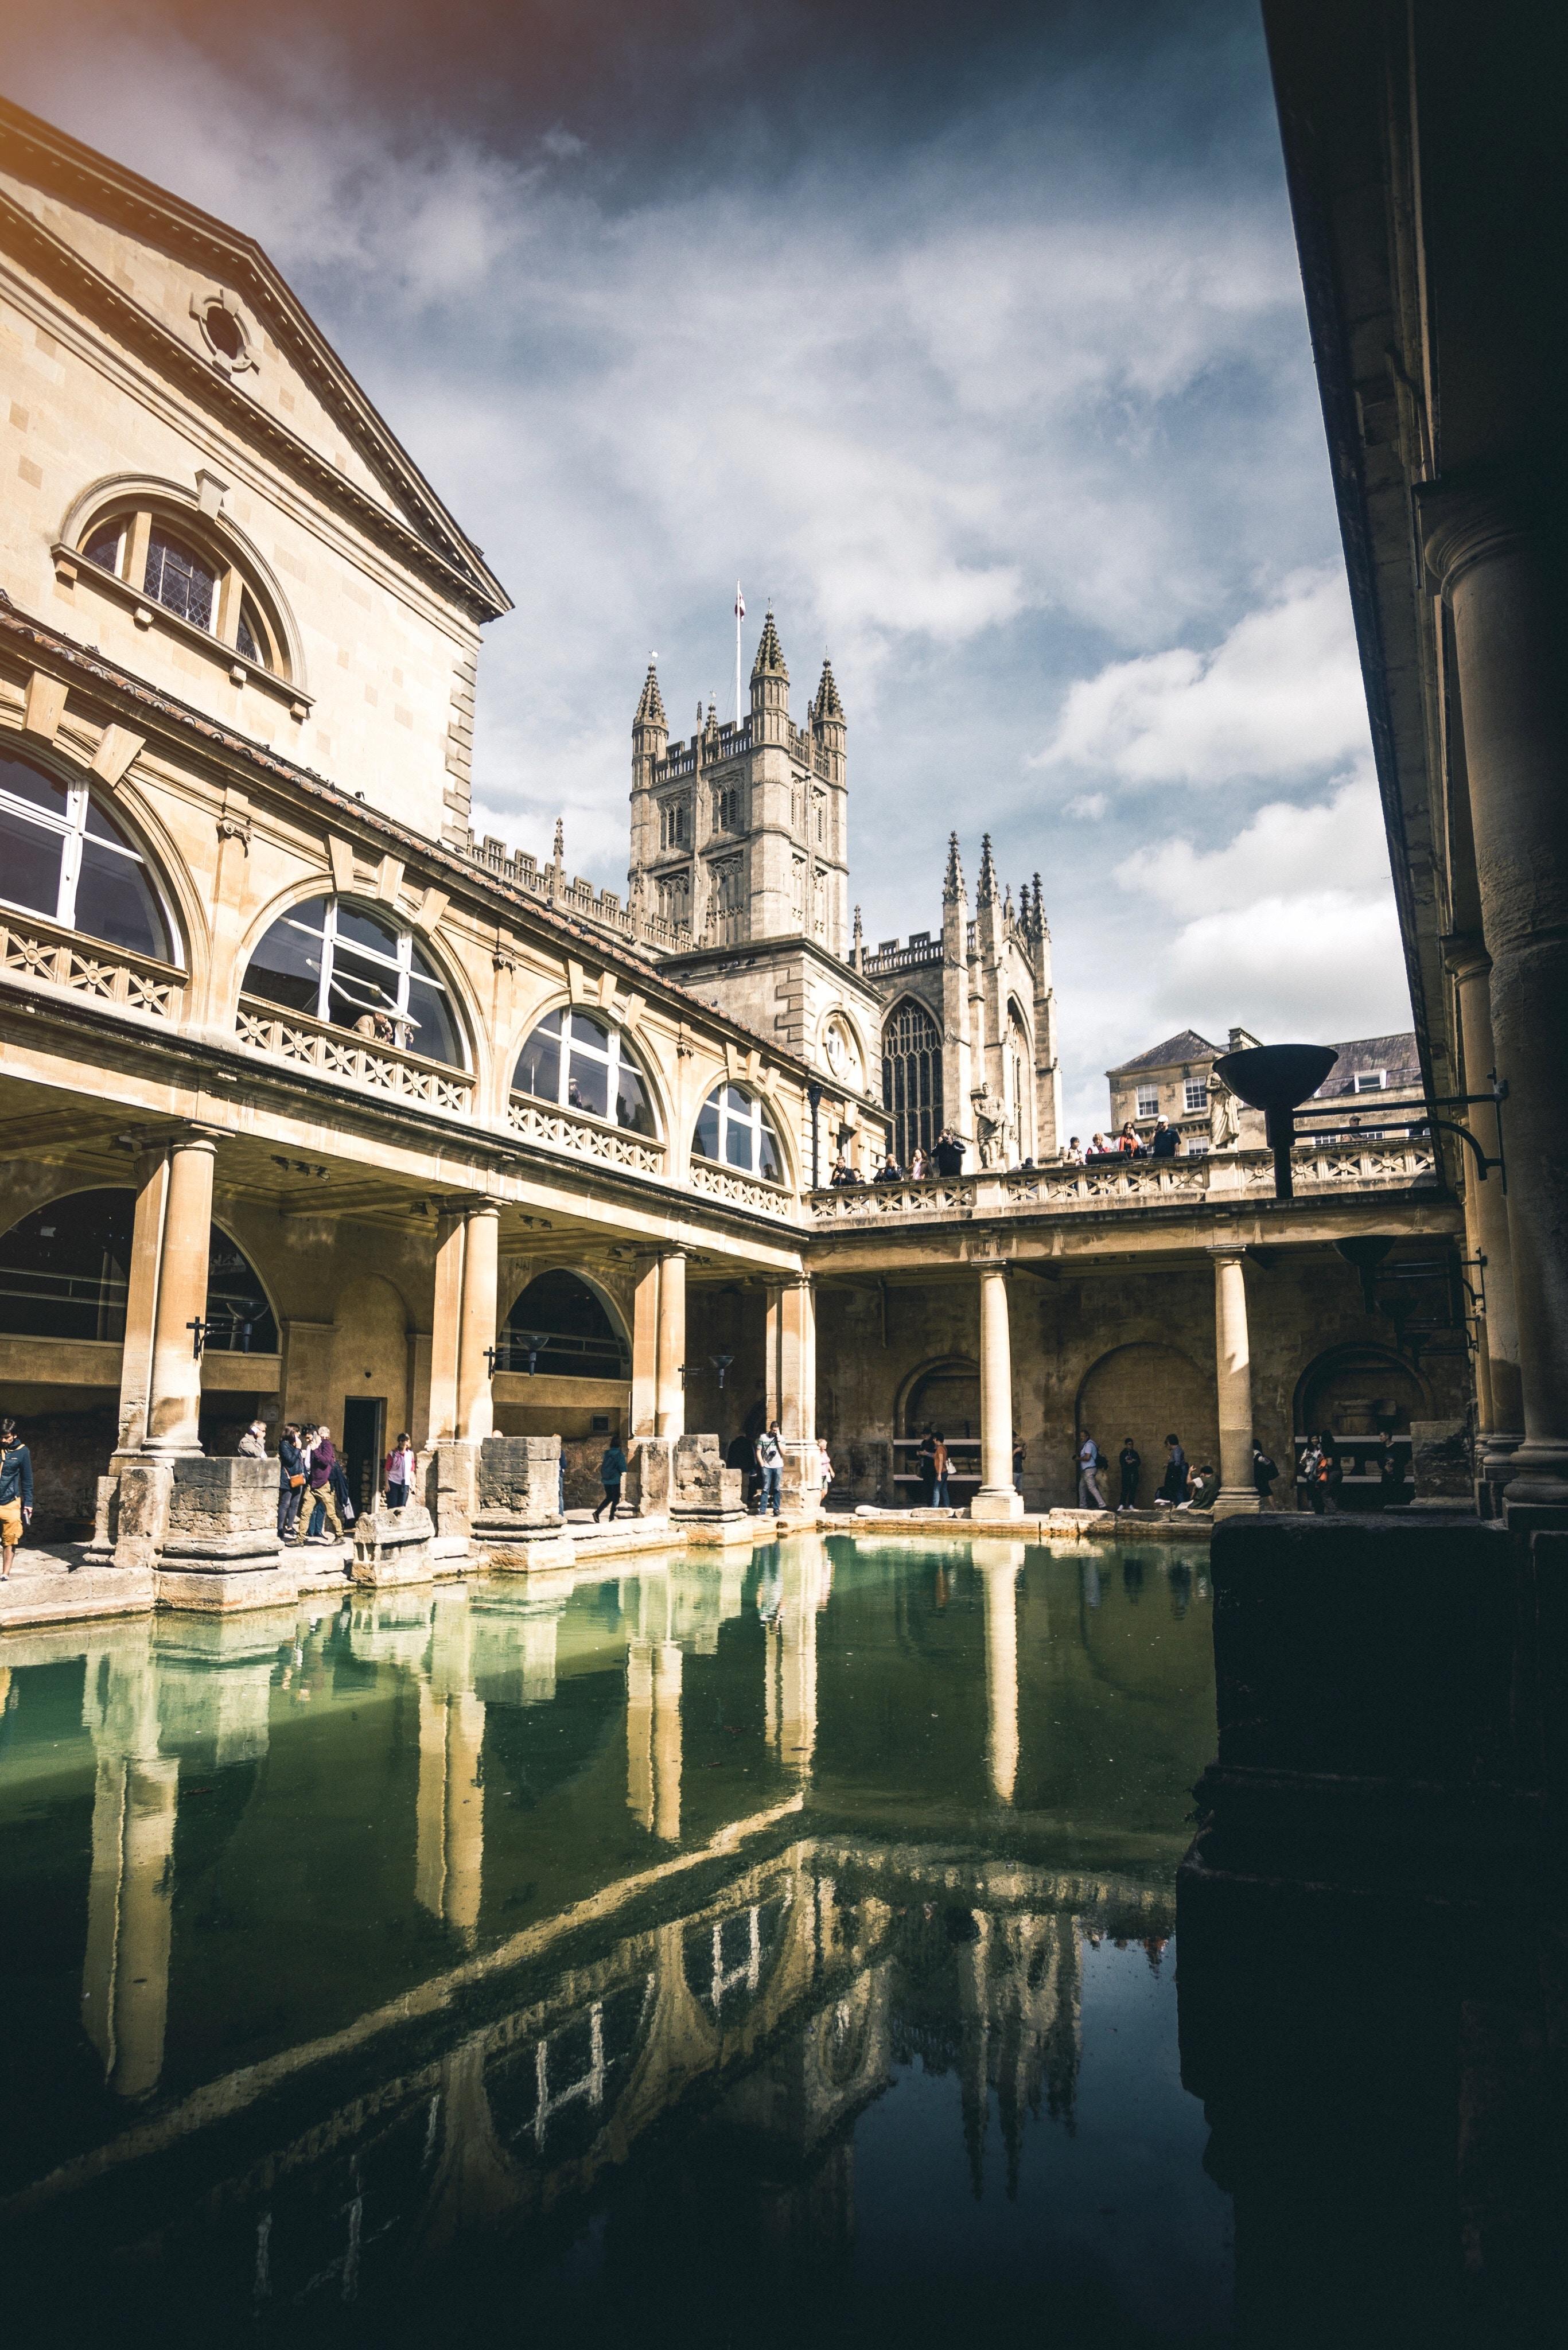 Bath_England_2.jpg?1548643486